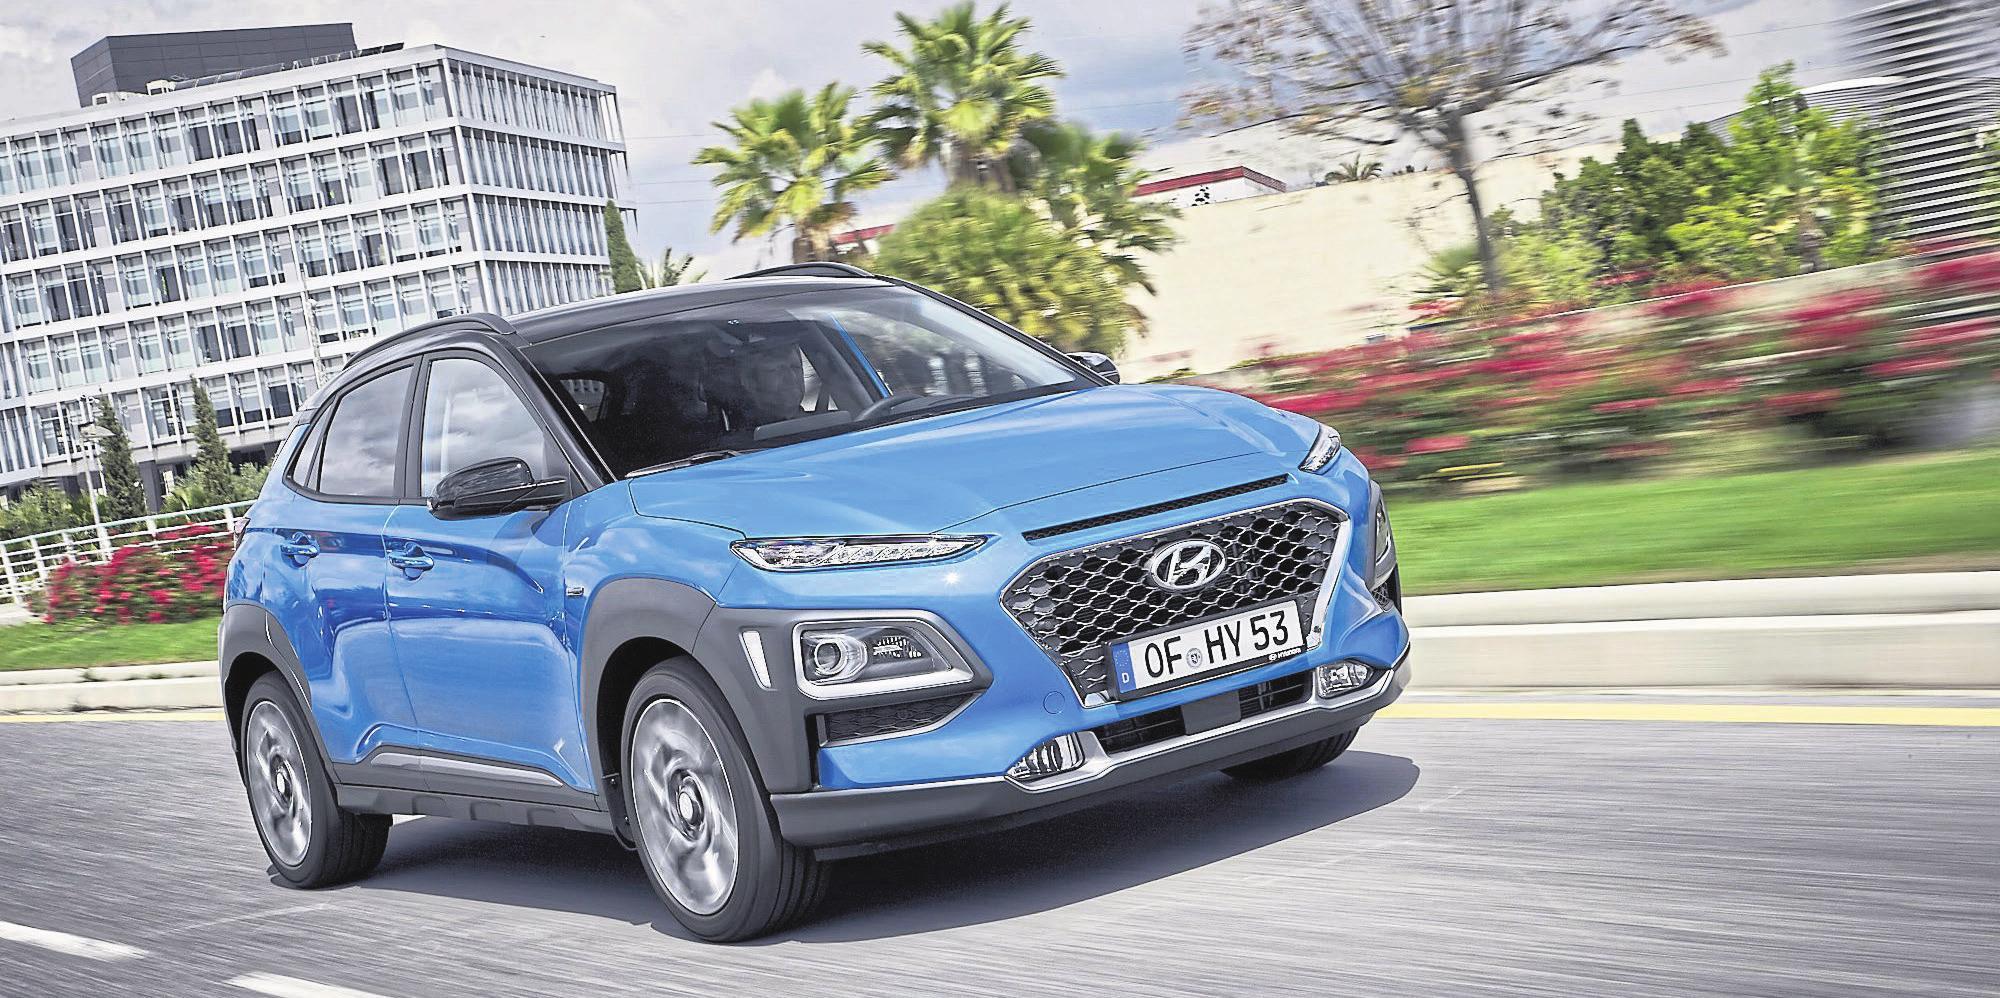 Einstieg nach Maß: Das kleinste Hyundai-SUV punktet mit hoher Flexibilität, Charme und einem enorm praktischen Format. Verbrauch (l/100 km) kombiniert: 4,3-6,3 CO-Emissionen (g/km): 113-144 Preis: ab 17.990 Euro, lt. Angaben des Herstellers